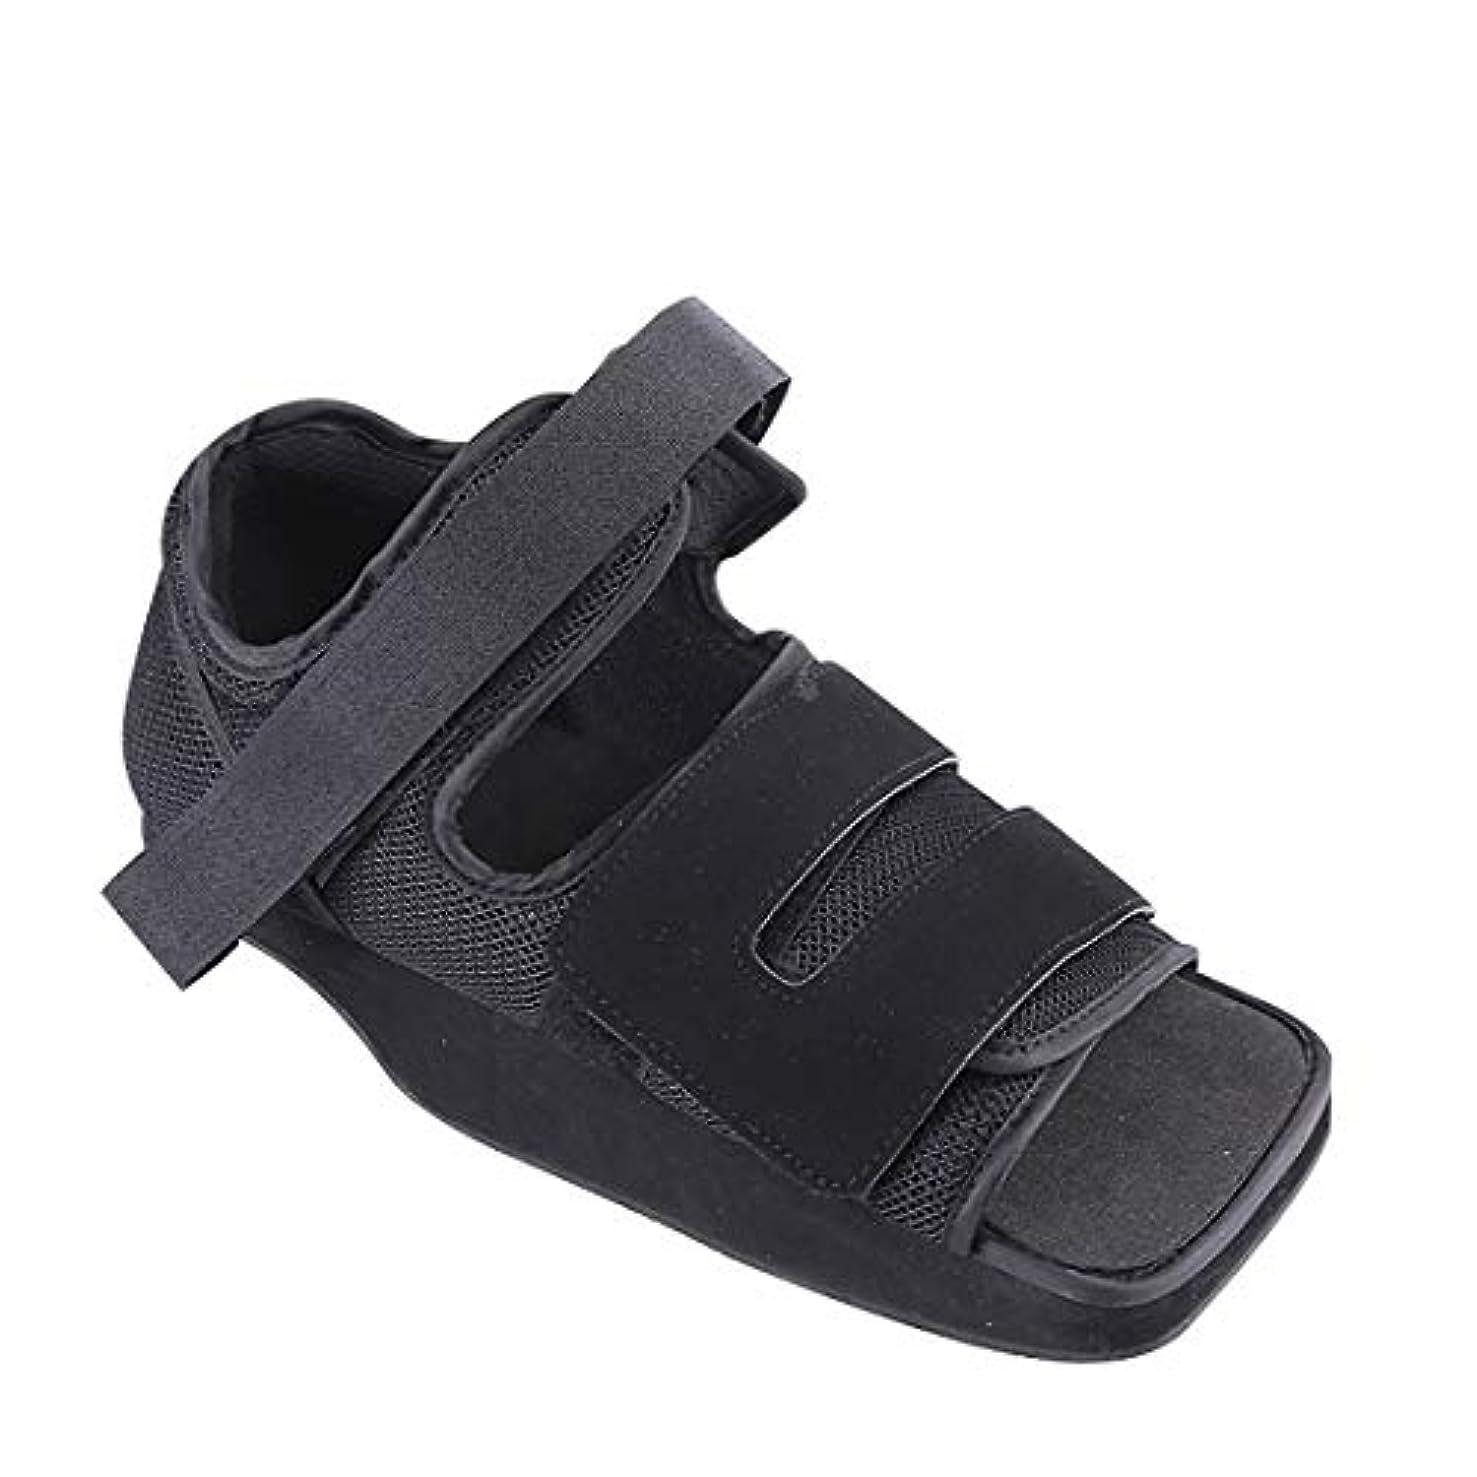 懐疑的大学顔料医療足骨折石膏の回復靴の手術後のつま先の靴を安定化骨折の靴を調整可能なファスナーで完全なカバー,L28cm